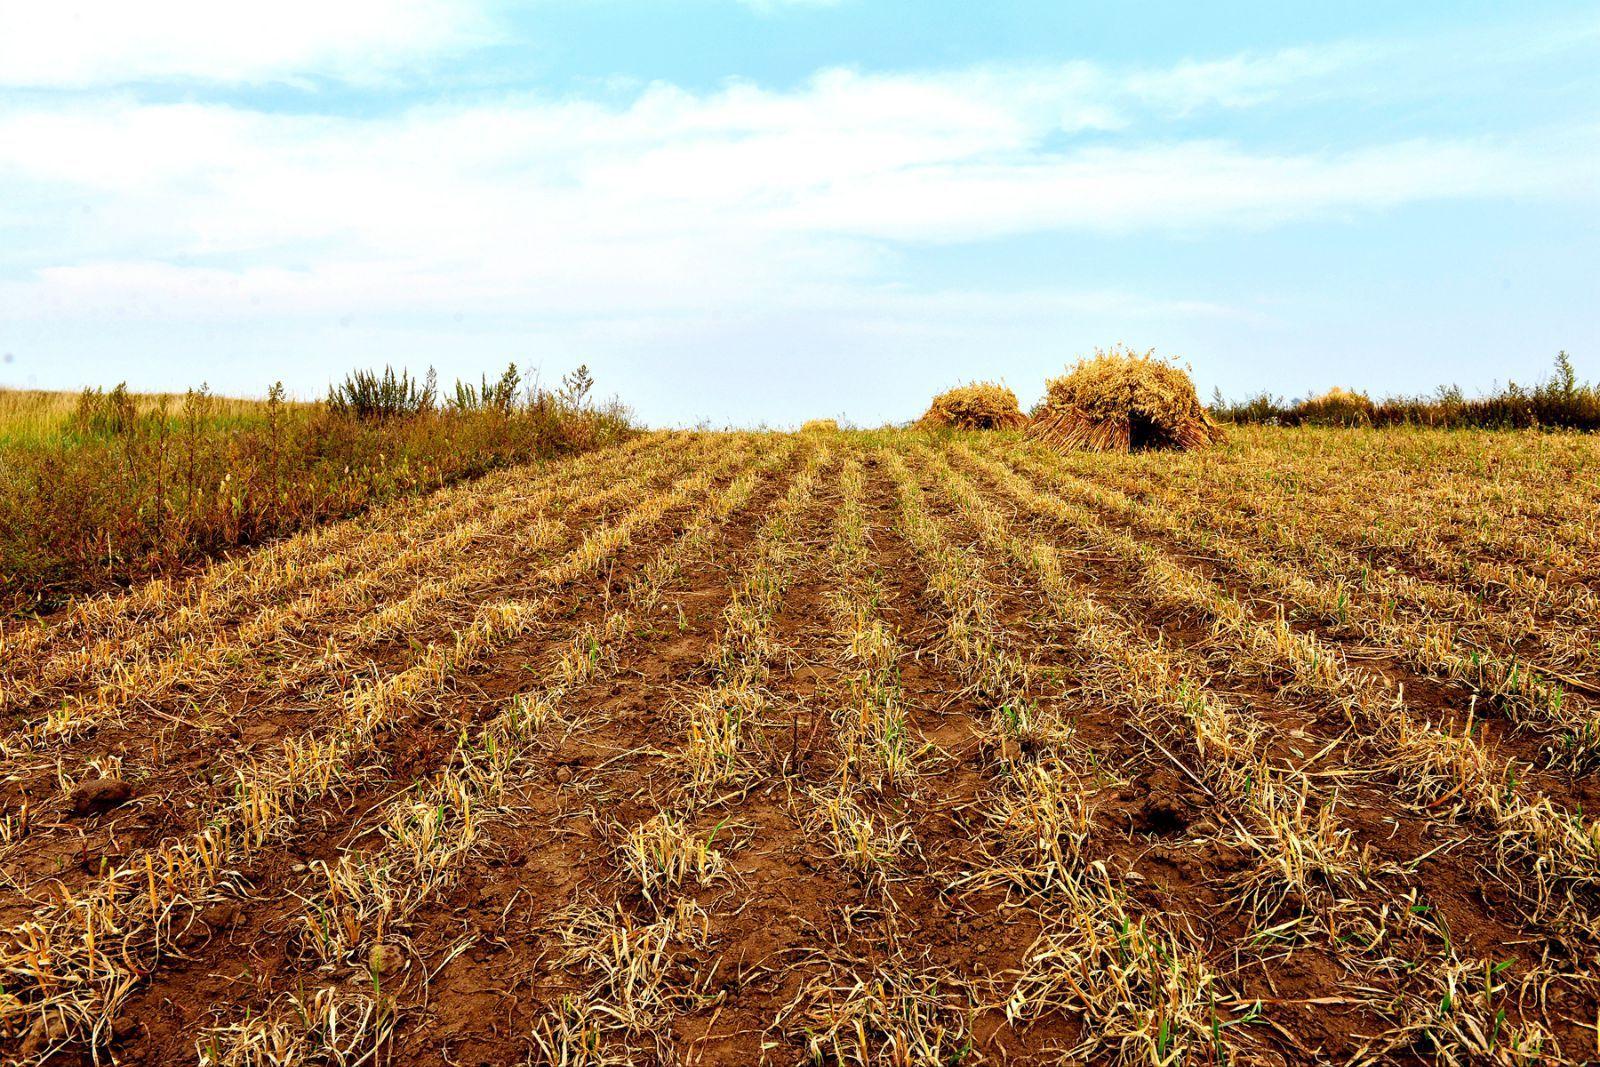 稻谷堆图片乡土-稻谷堆图片